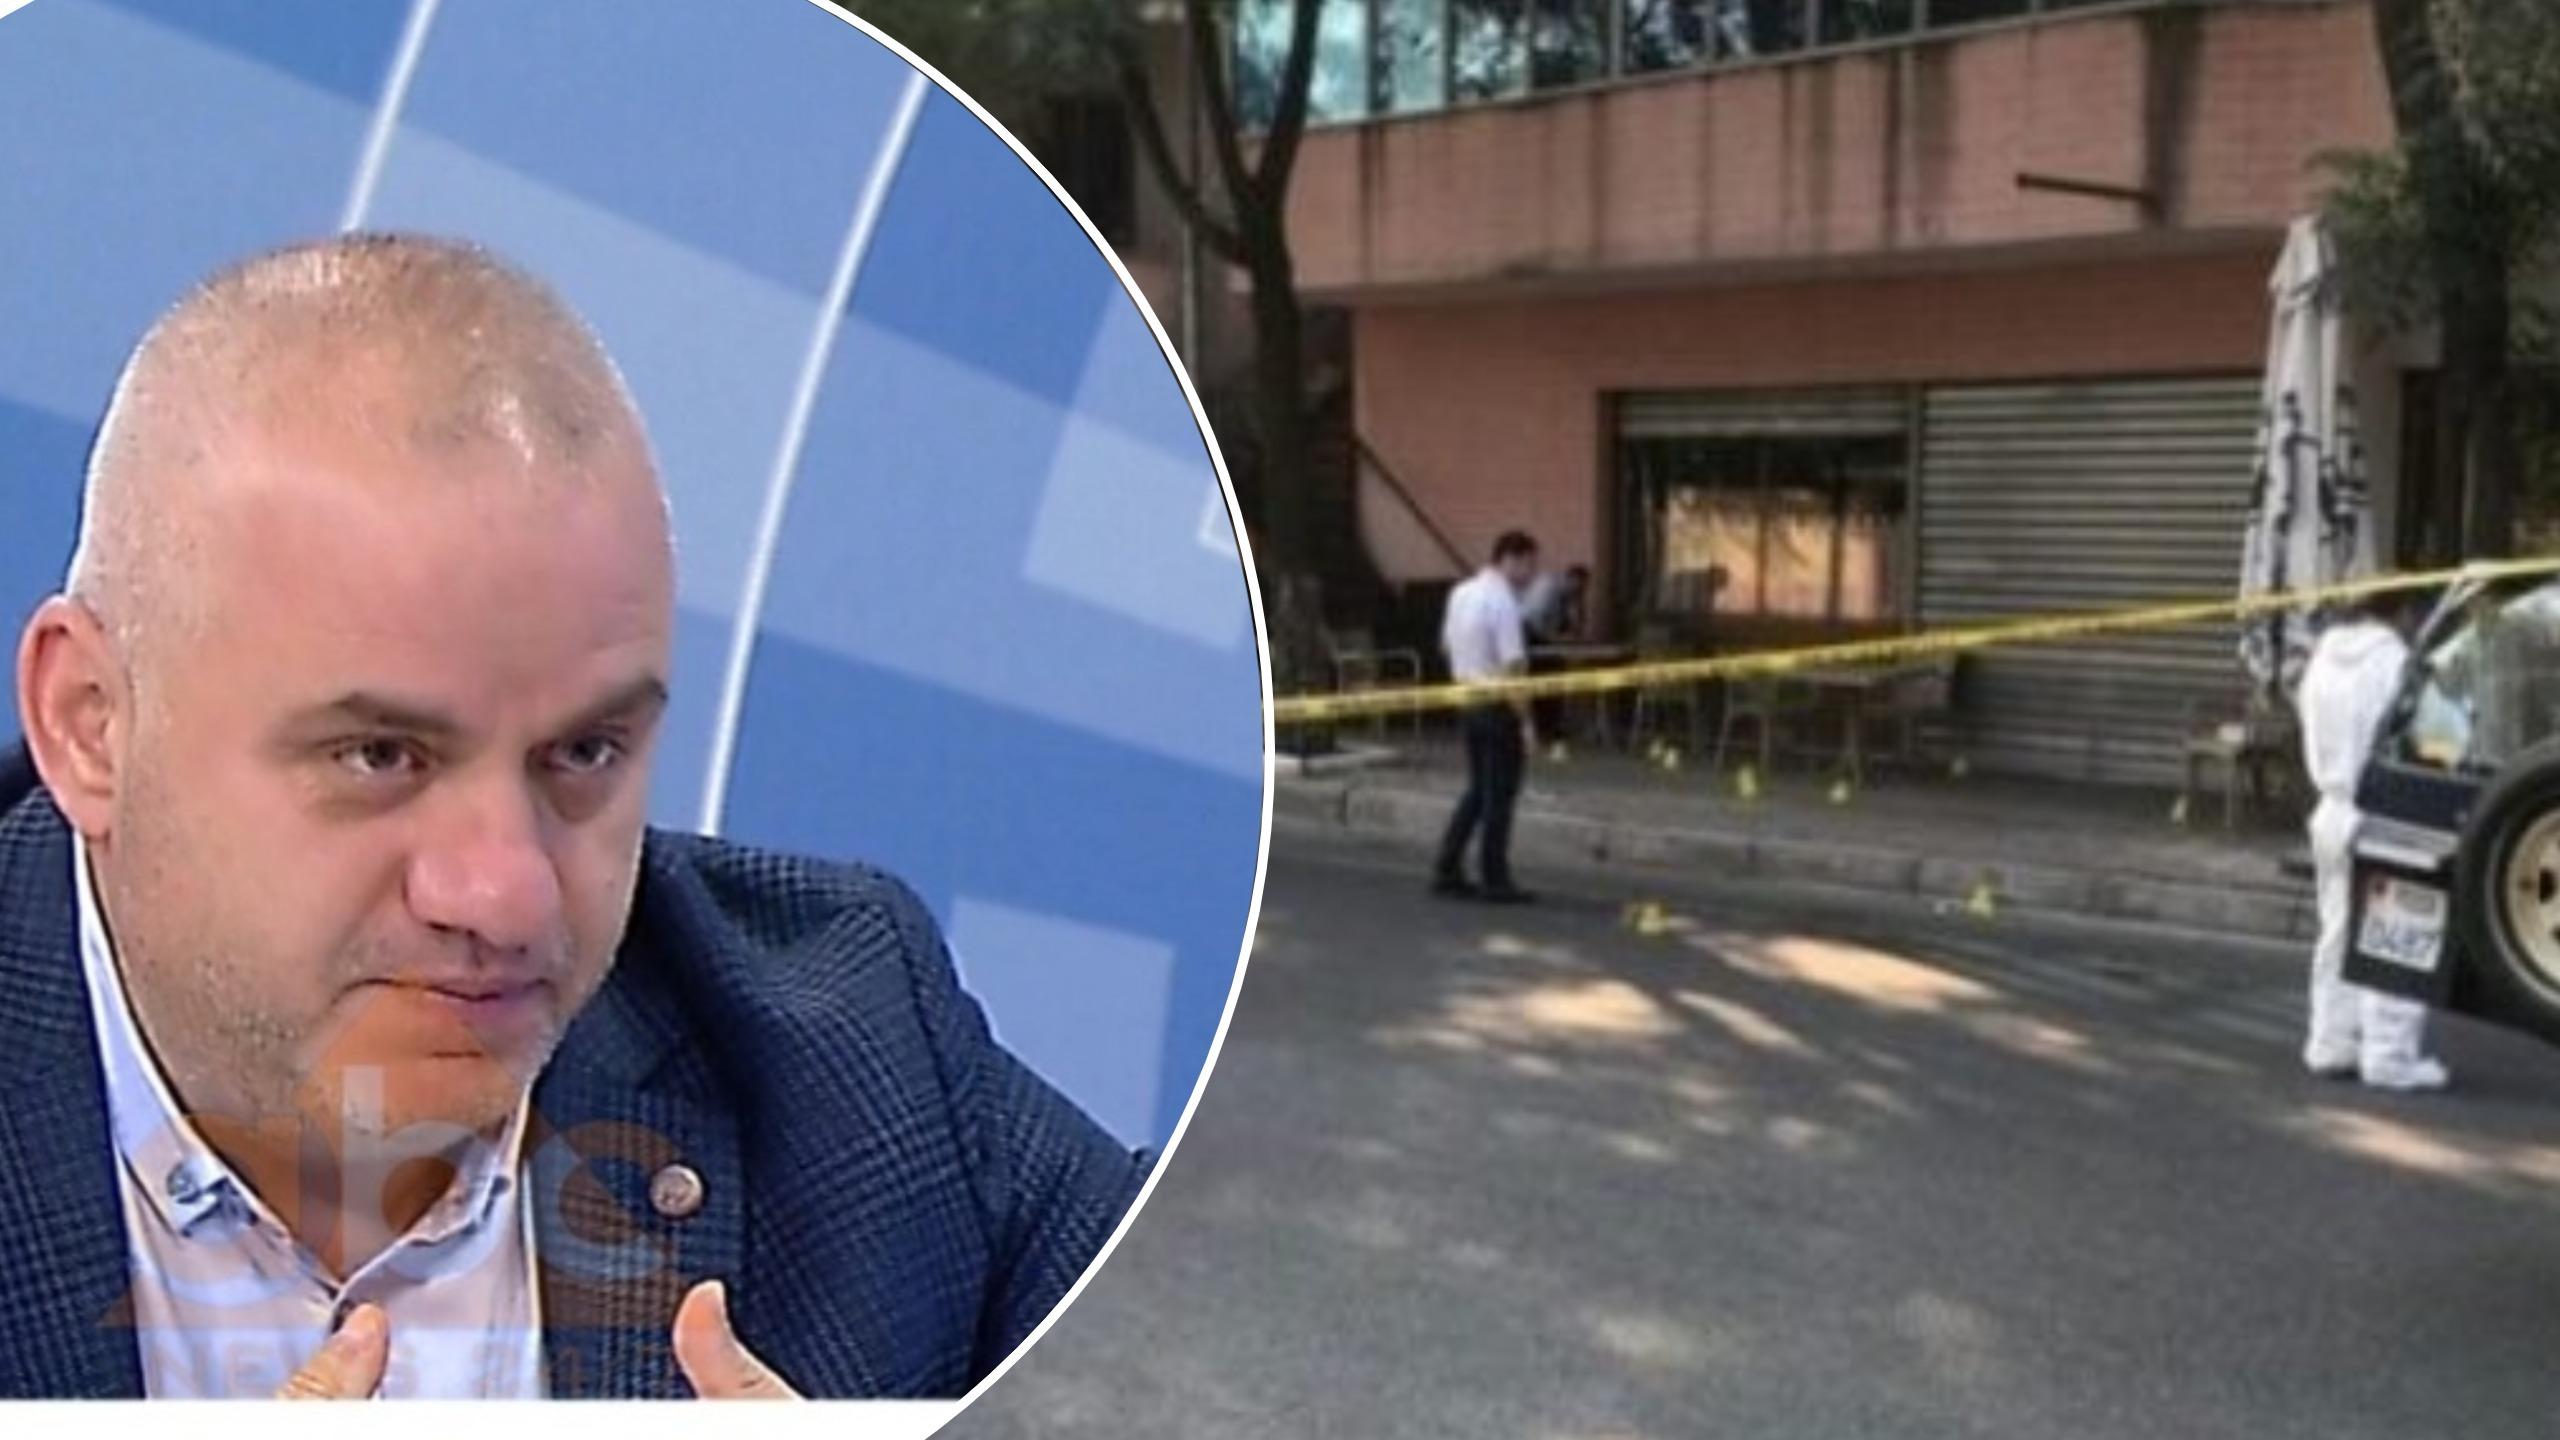 Artan Hoxha: Një vrasës serial po bën kërdinë në Shkodër, kush është personi më i kërkuar në Shqipëri